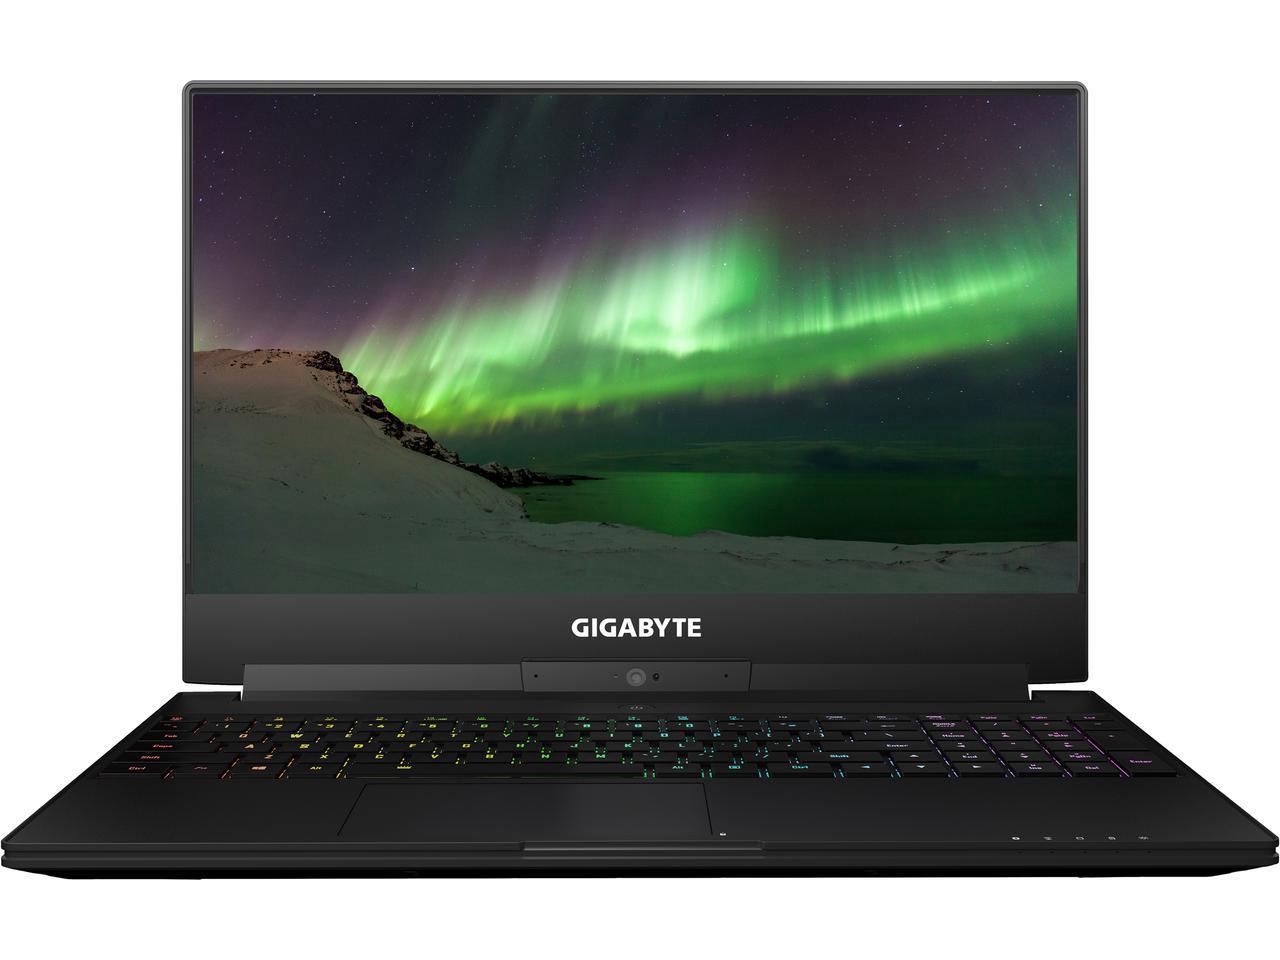 """Gigabyte Aero 15 - Laptop siêu mỏng cấu hình khủng đang gây """"sốt"""""""